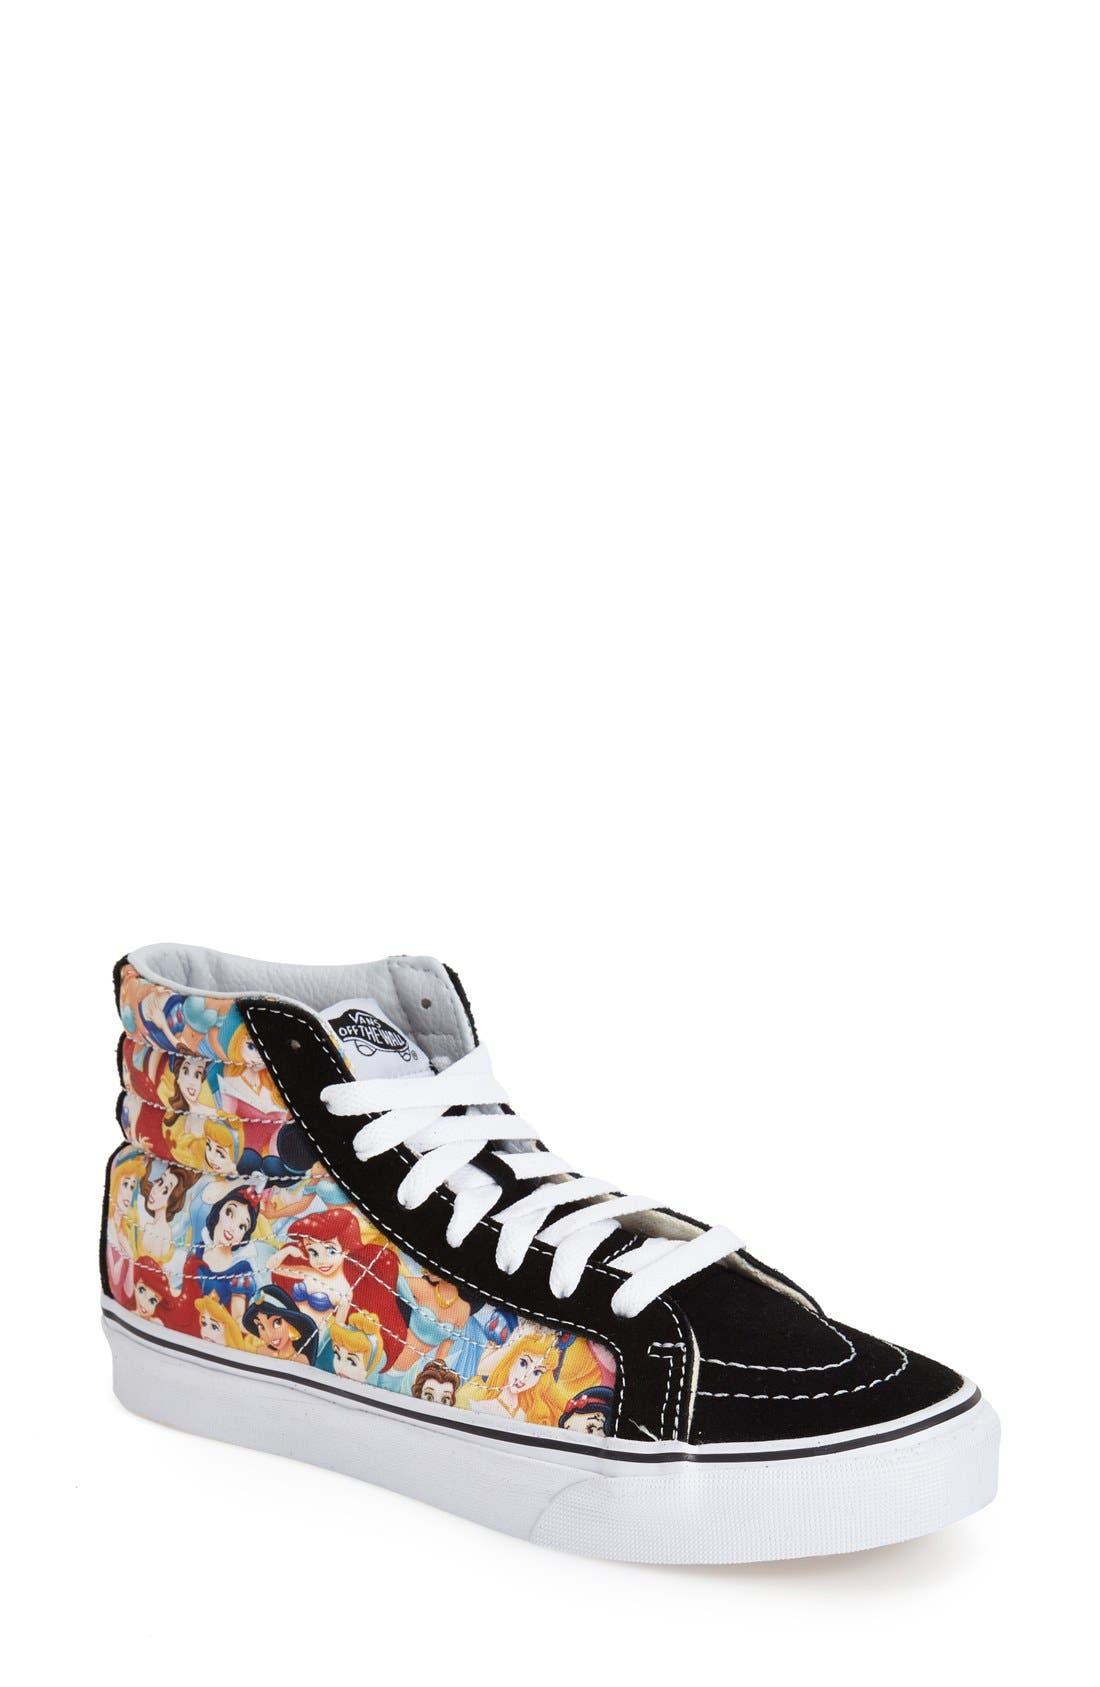 Alternate Image 1 Selected - Vans 'Sk8-Hi Slim - Disney® Princess' Sneaker (Women)